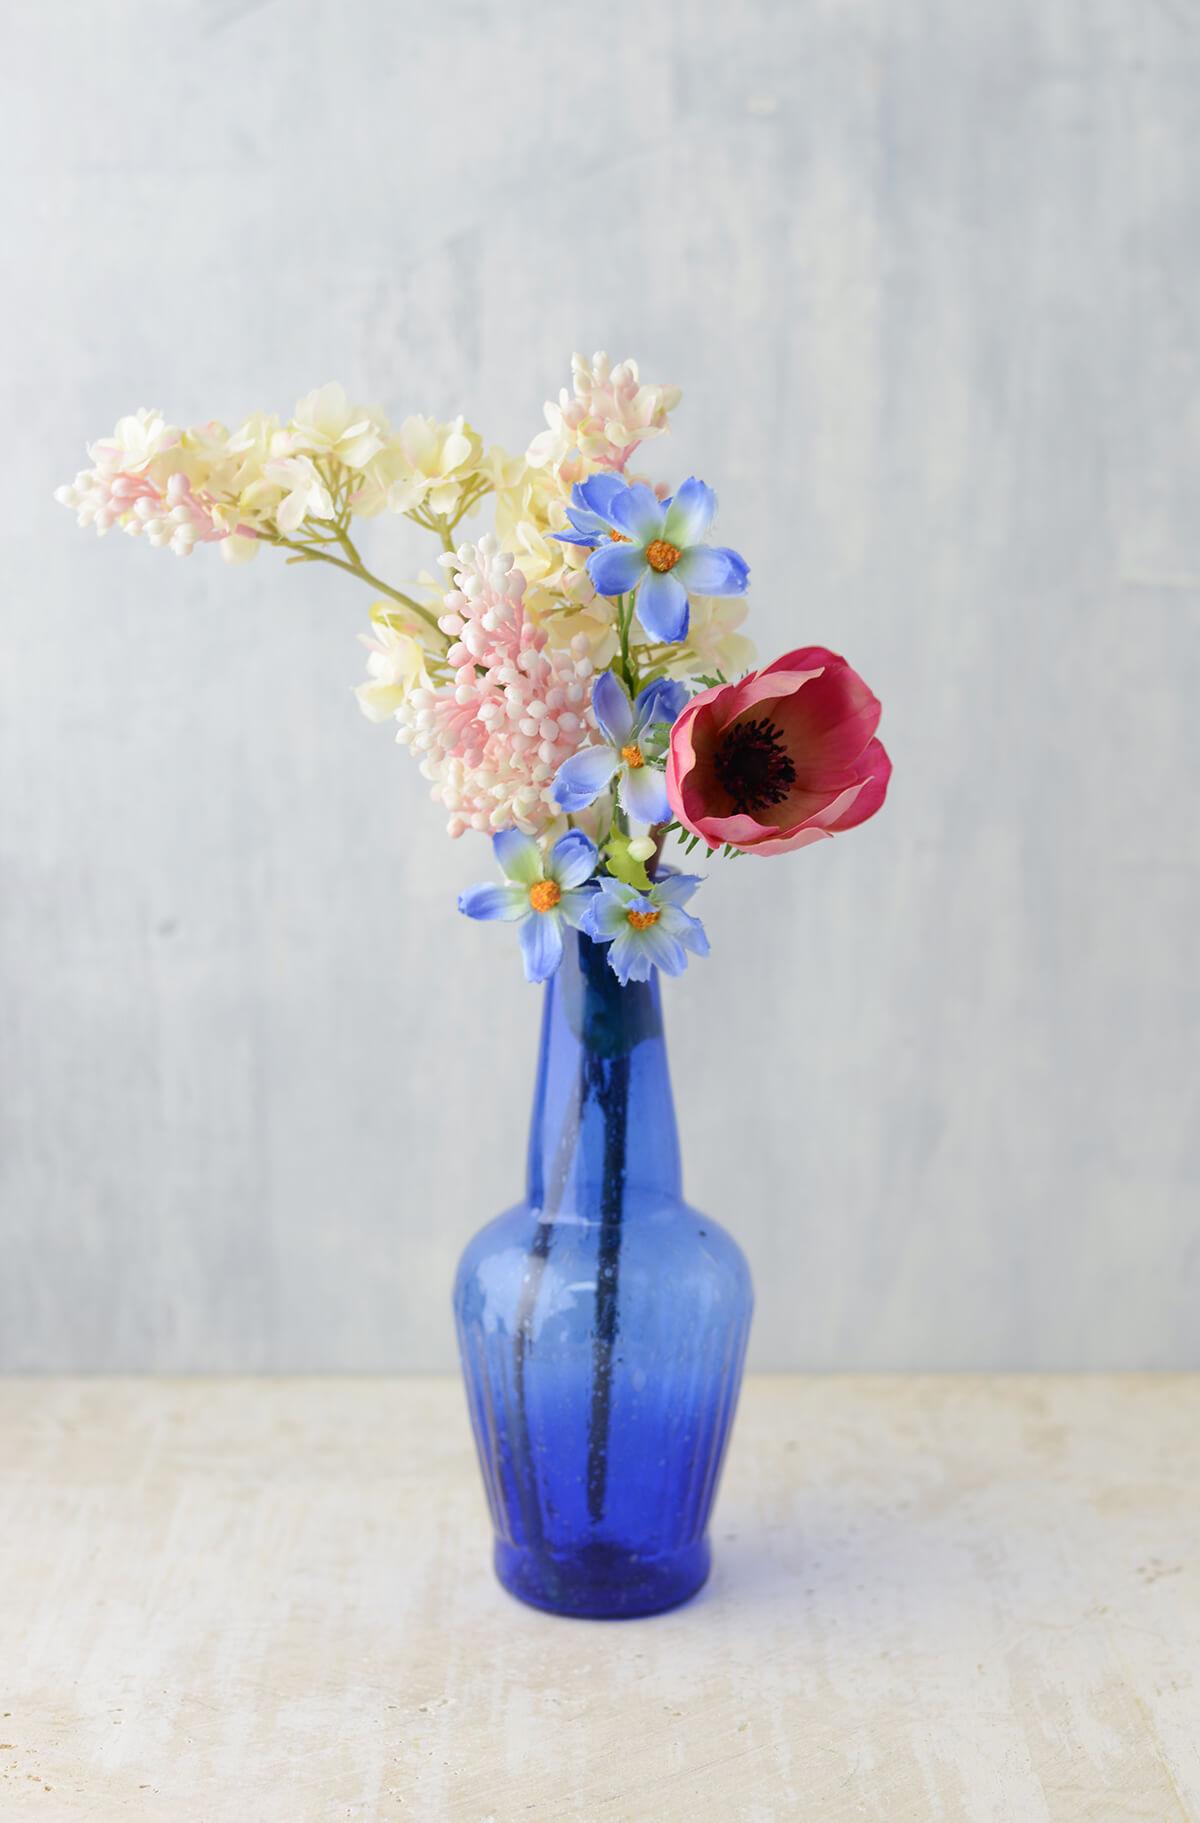 Cobalt Blue Glass Vase 7 25